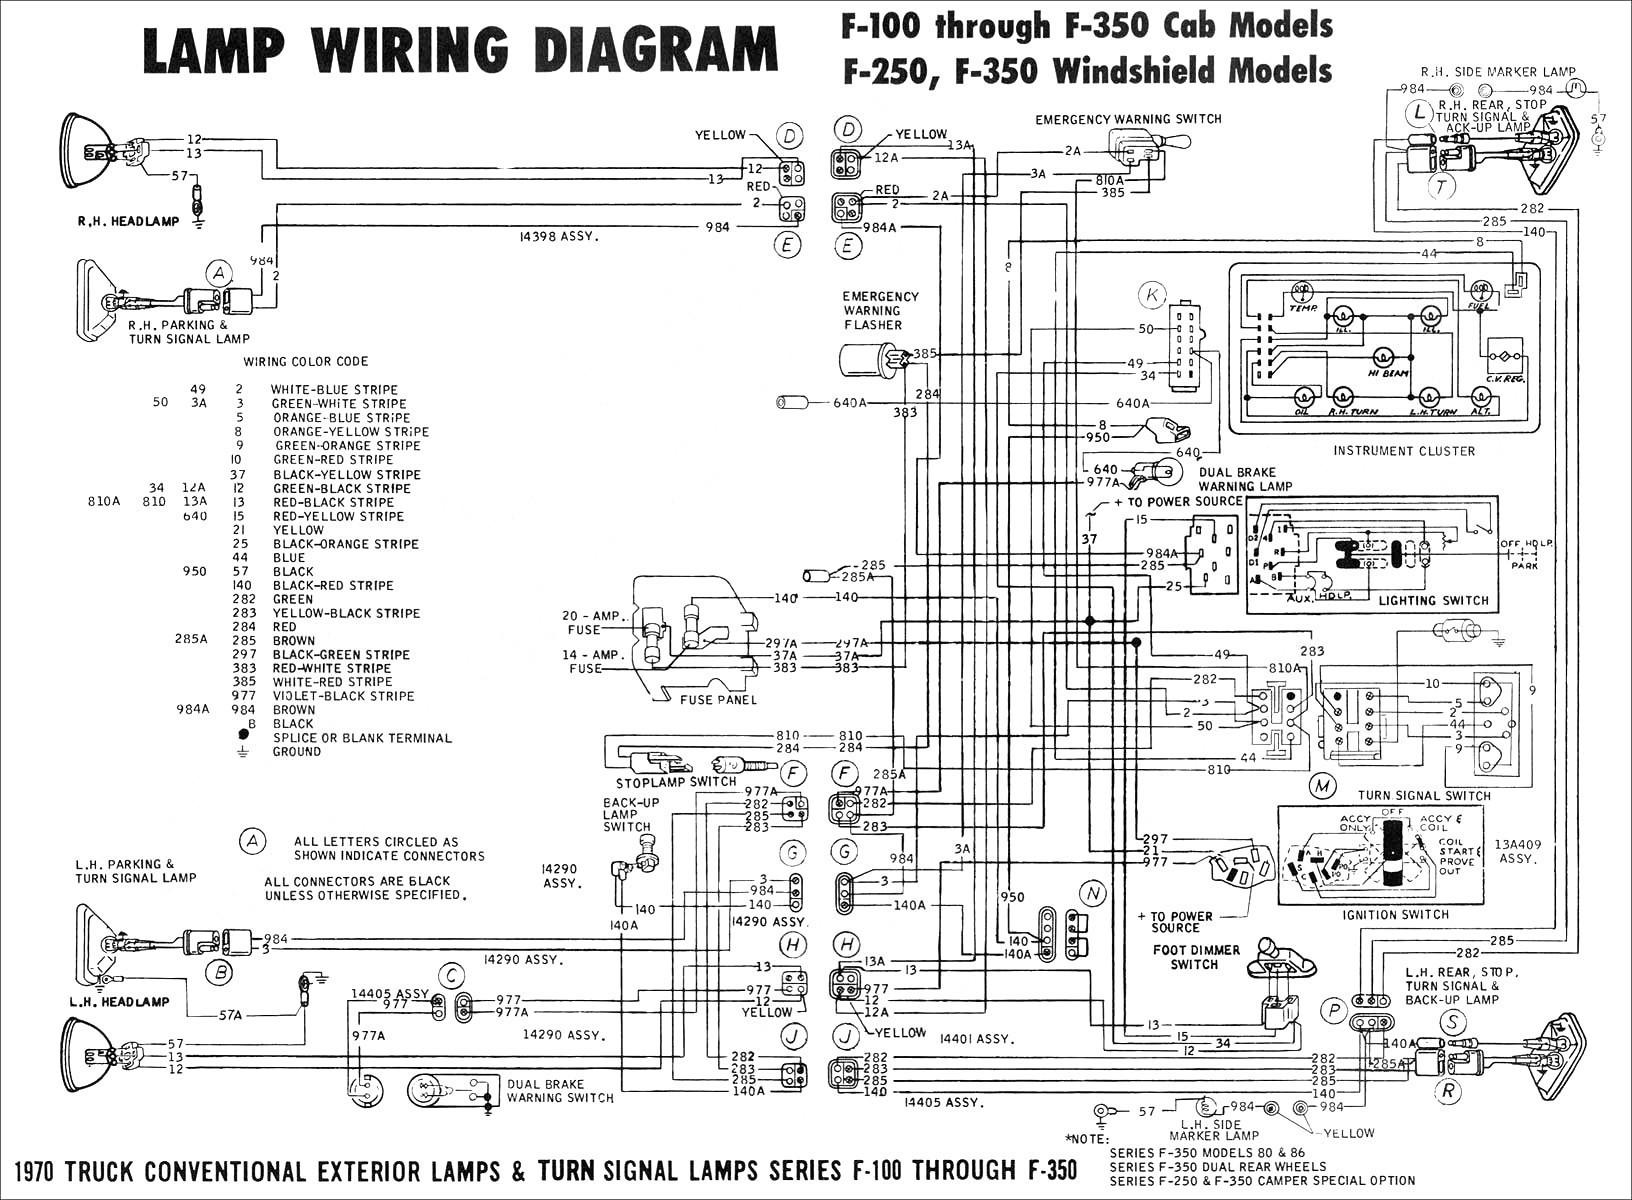 Audi A4 Headlamp Wiring Schematic - Telephone Wall Socket Wiring Diagram  for Wiring Diagram Schematics | Audi Headlight Wiring Schematic |  | Wiring Diagram Schematics